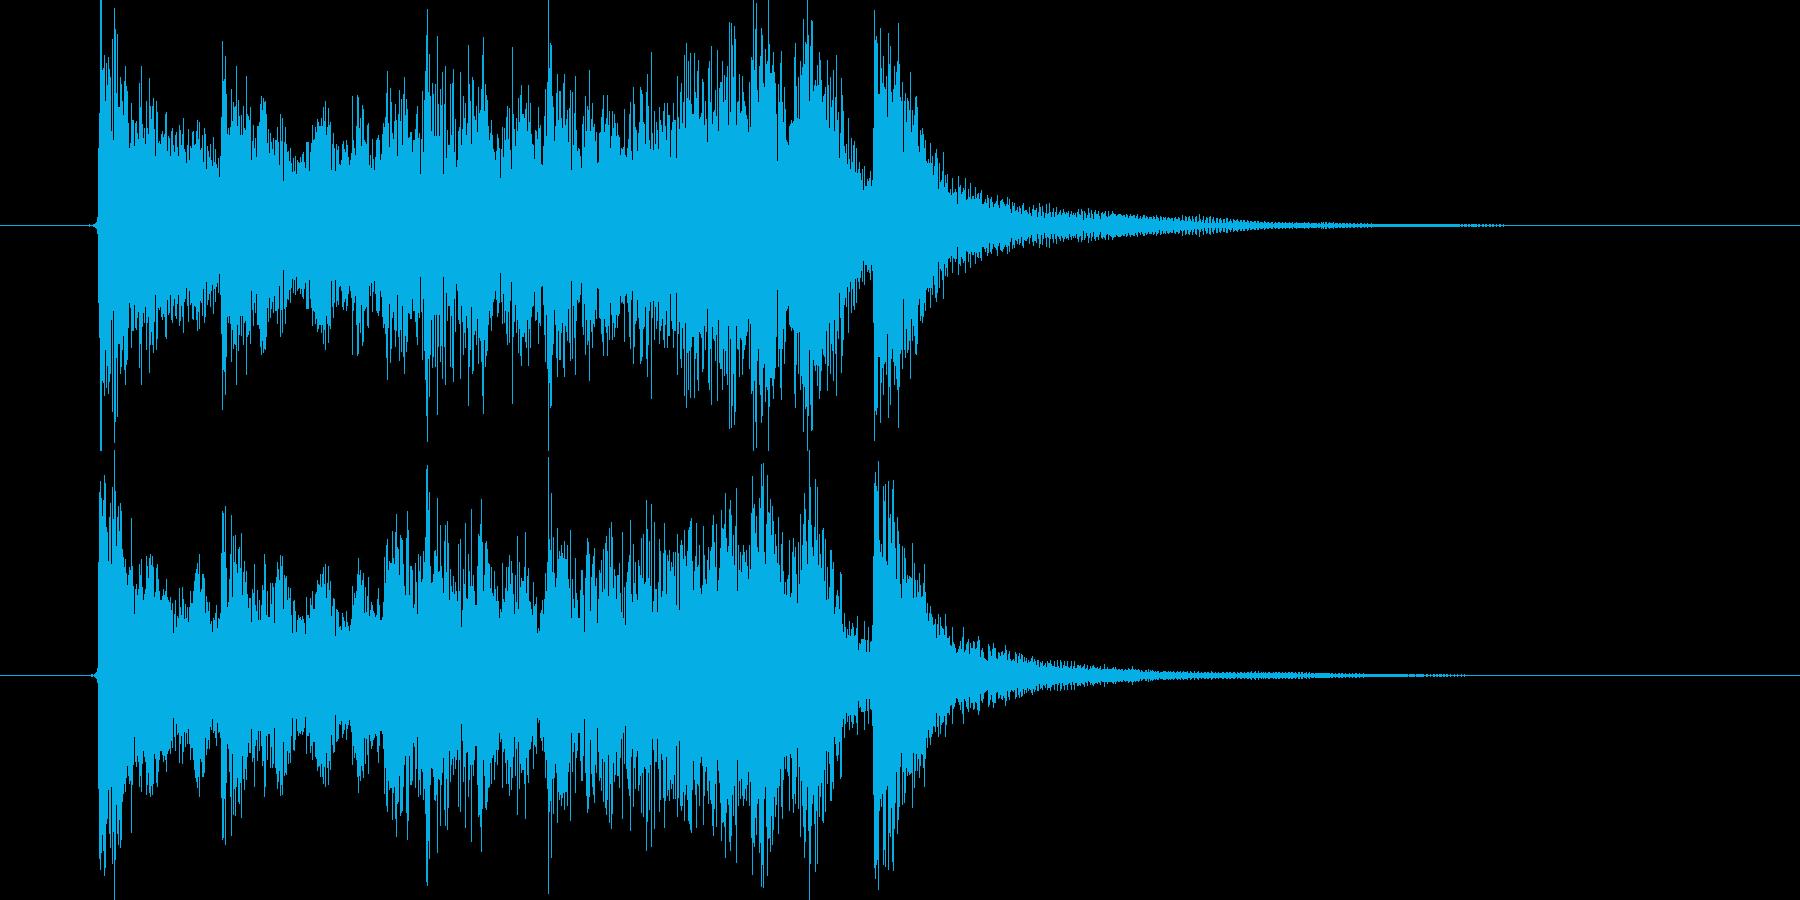 始まりを告げるアップテンポな音楽の再生済みの波形